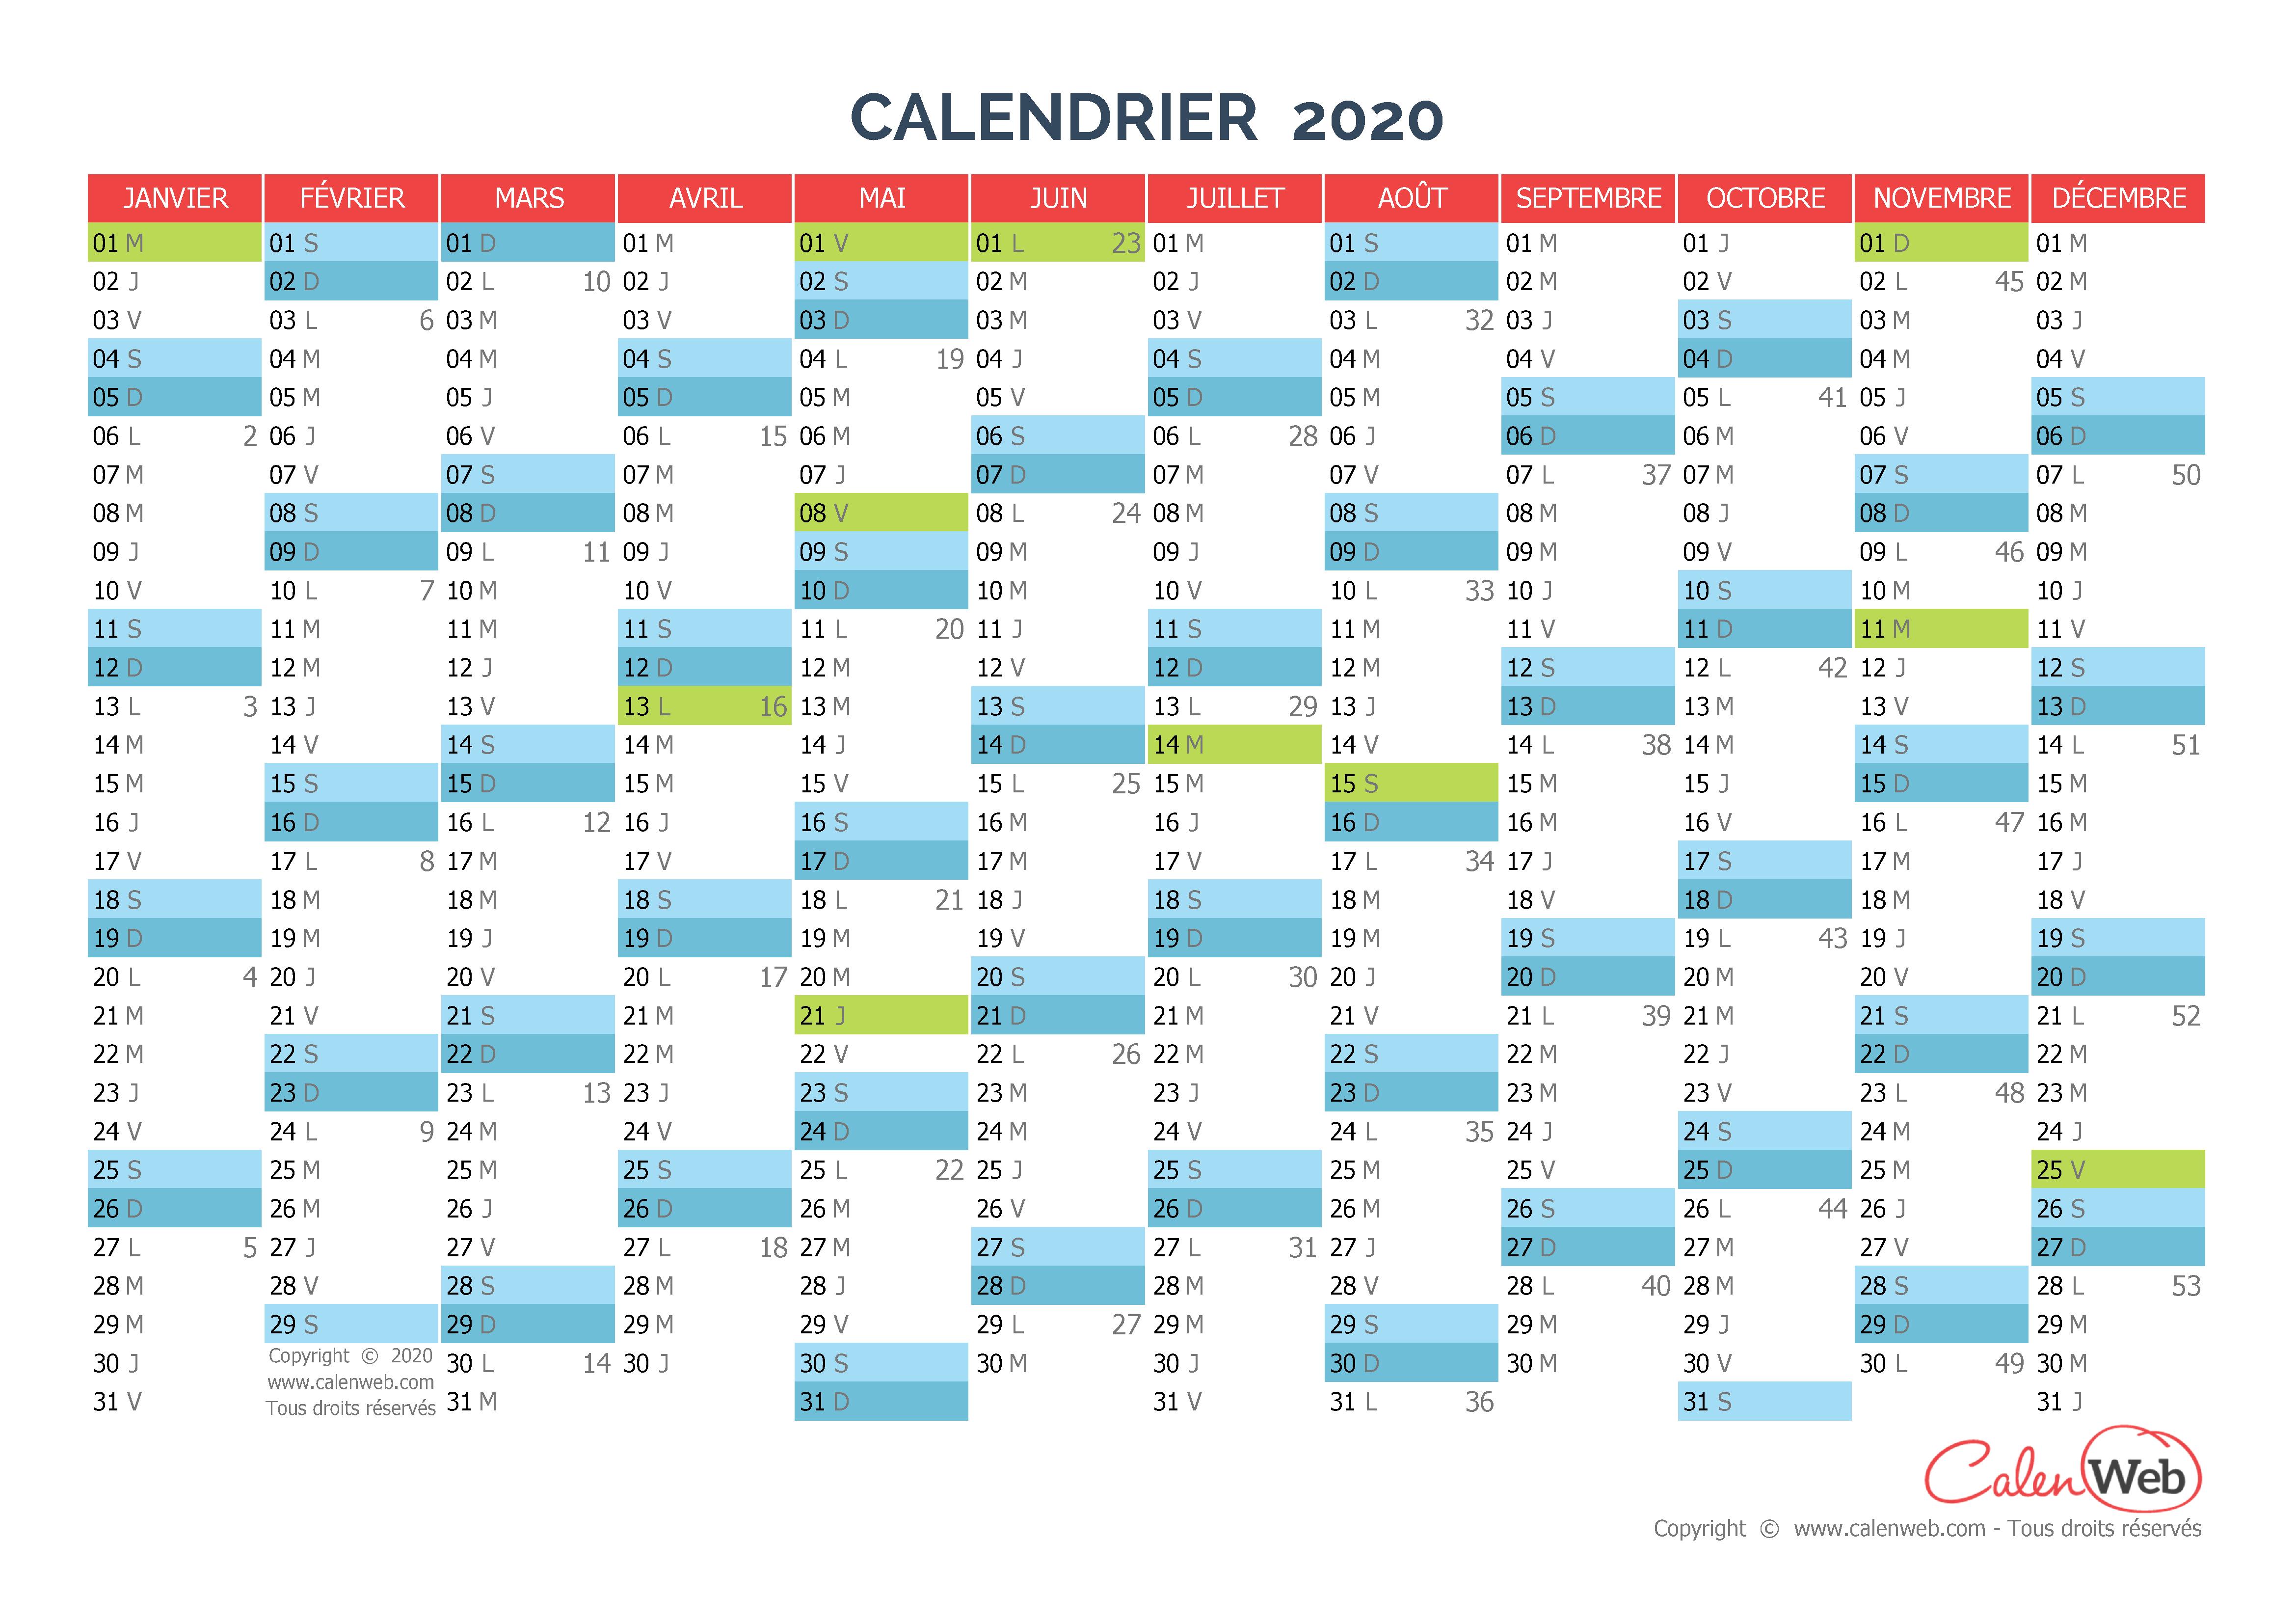 Calendrier annuel   Année 2020 avec jours fériés   Calenweb.com